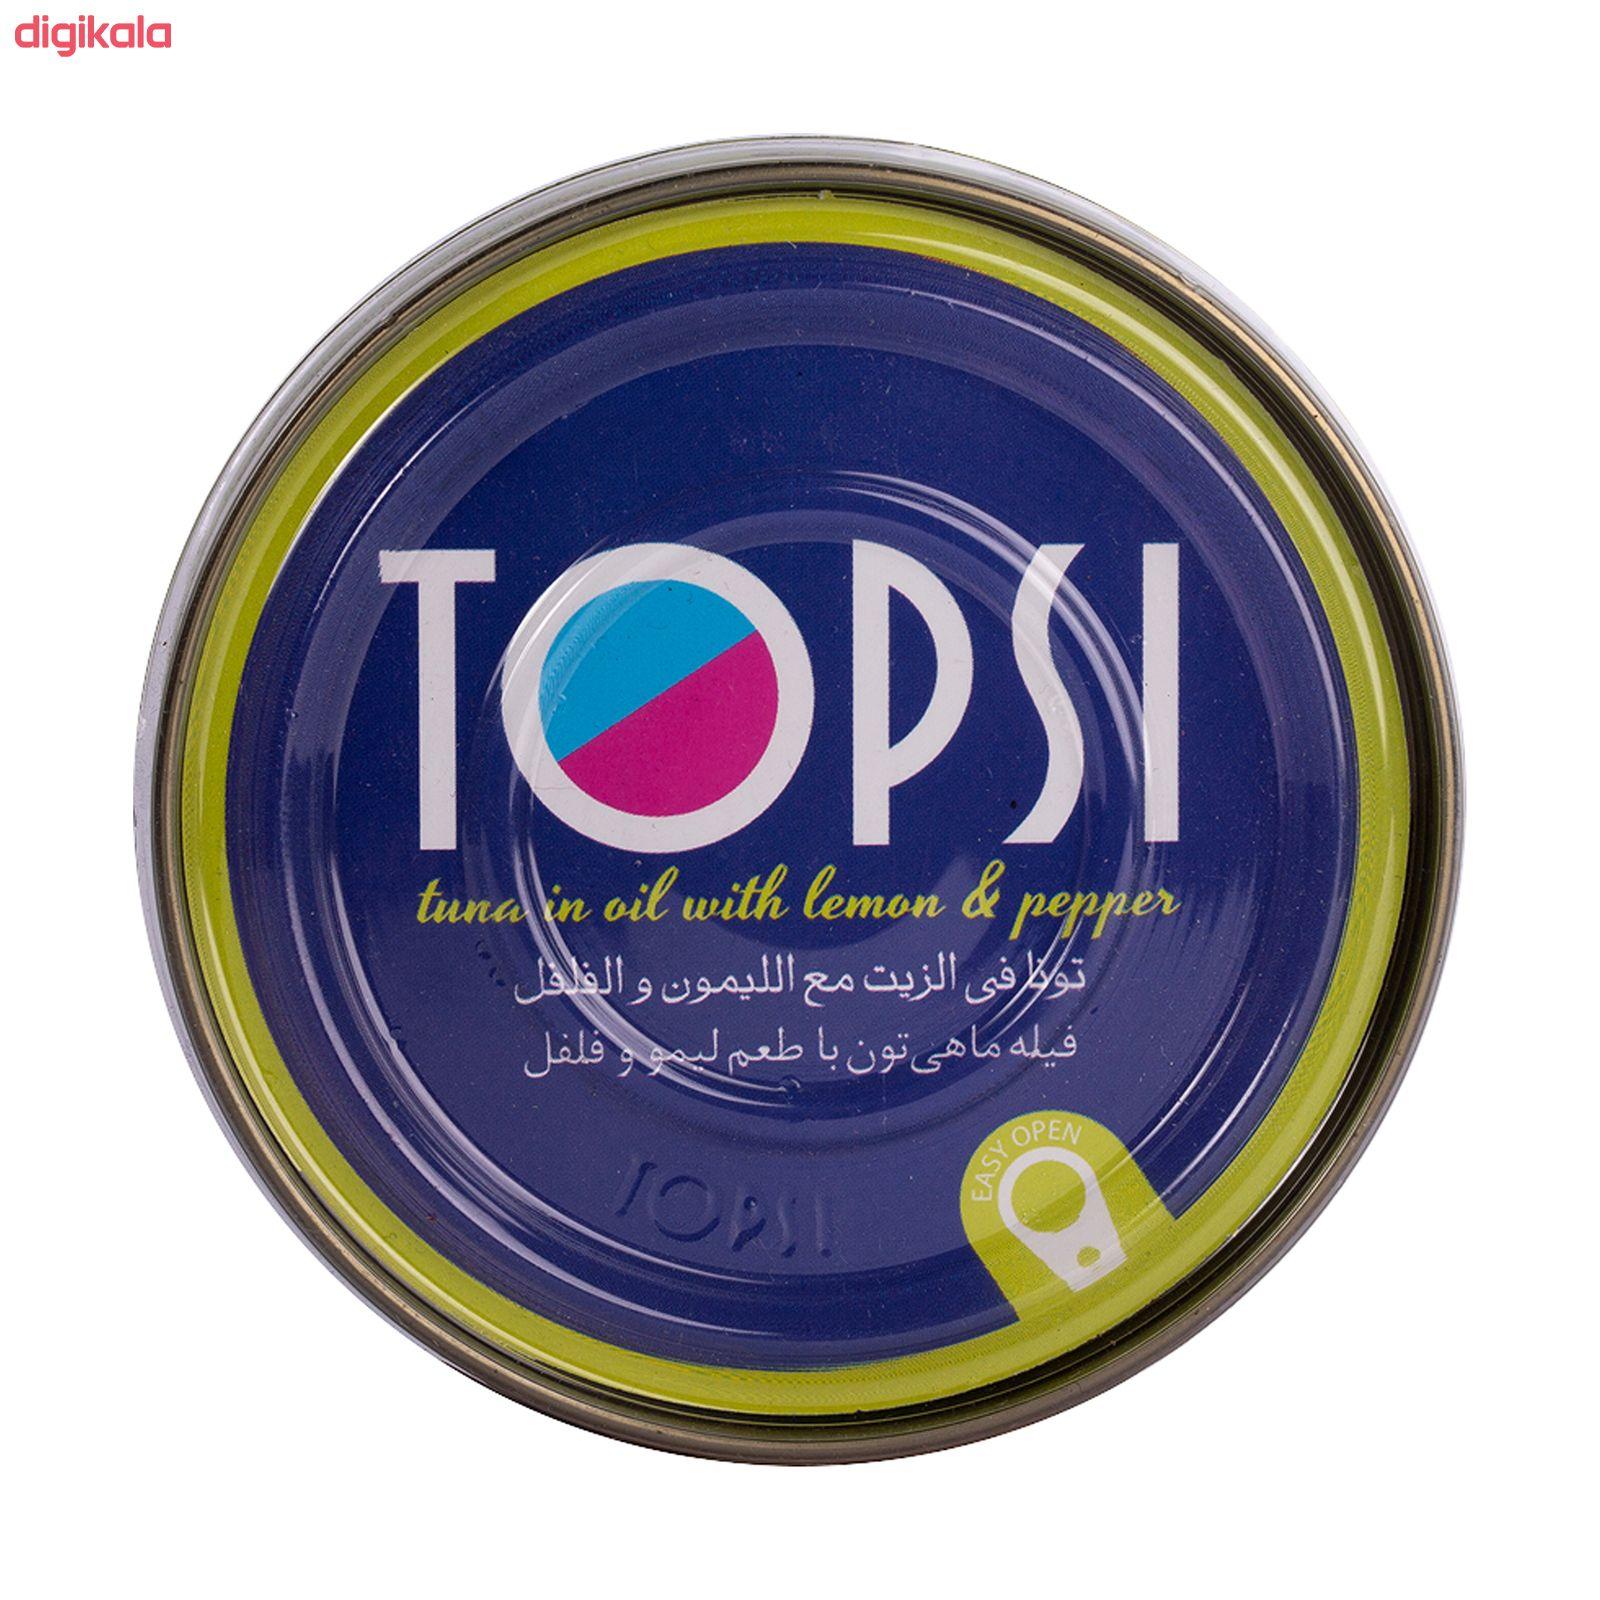 تن ماهی تاپسی با طعم لیمو و فلفل- 180 گرم main 1 3